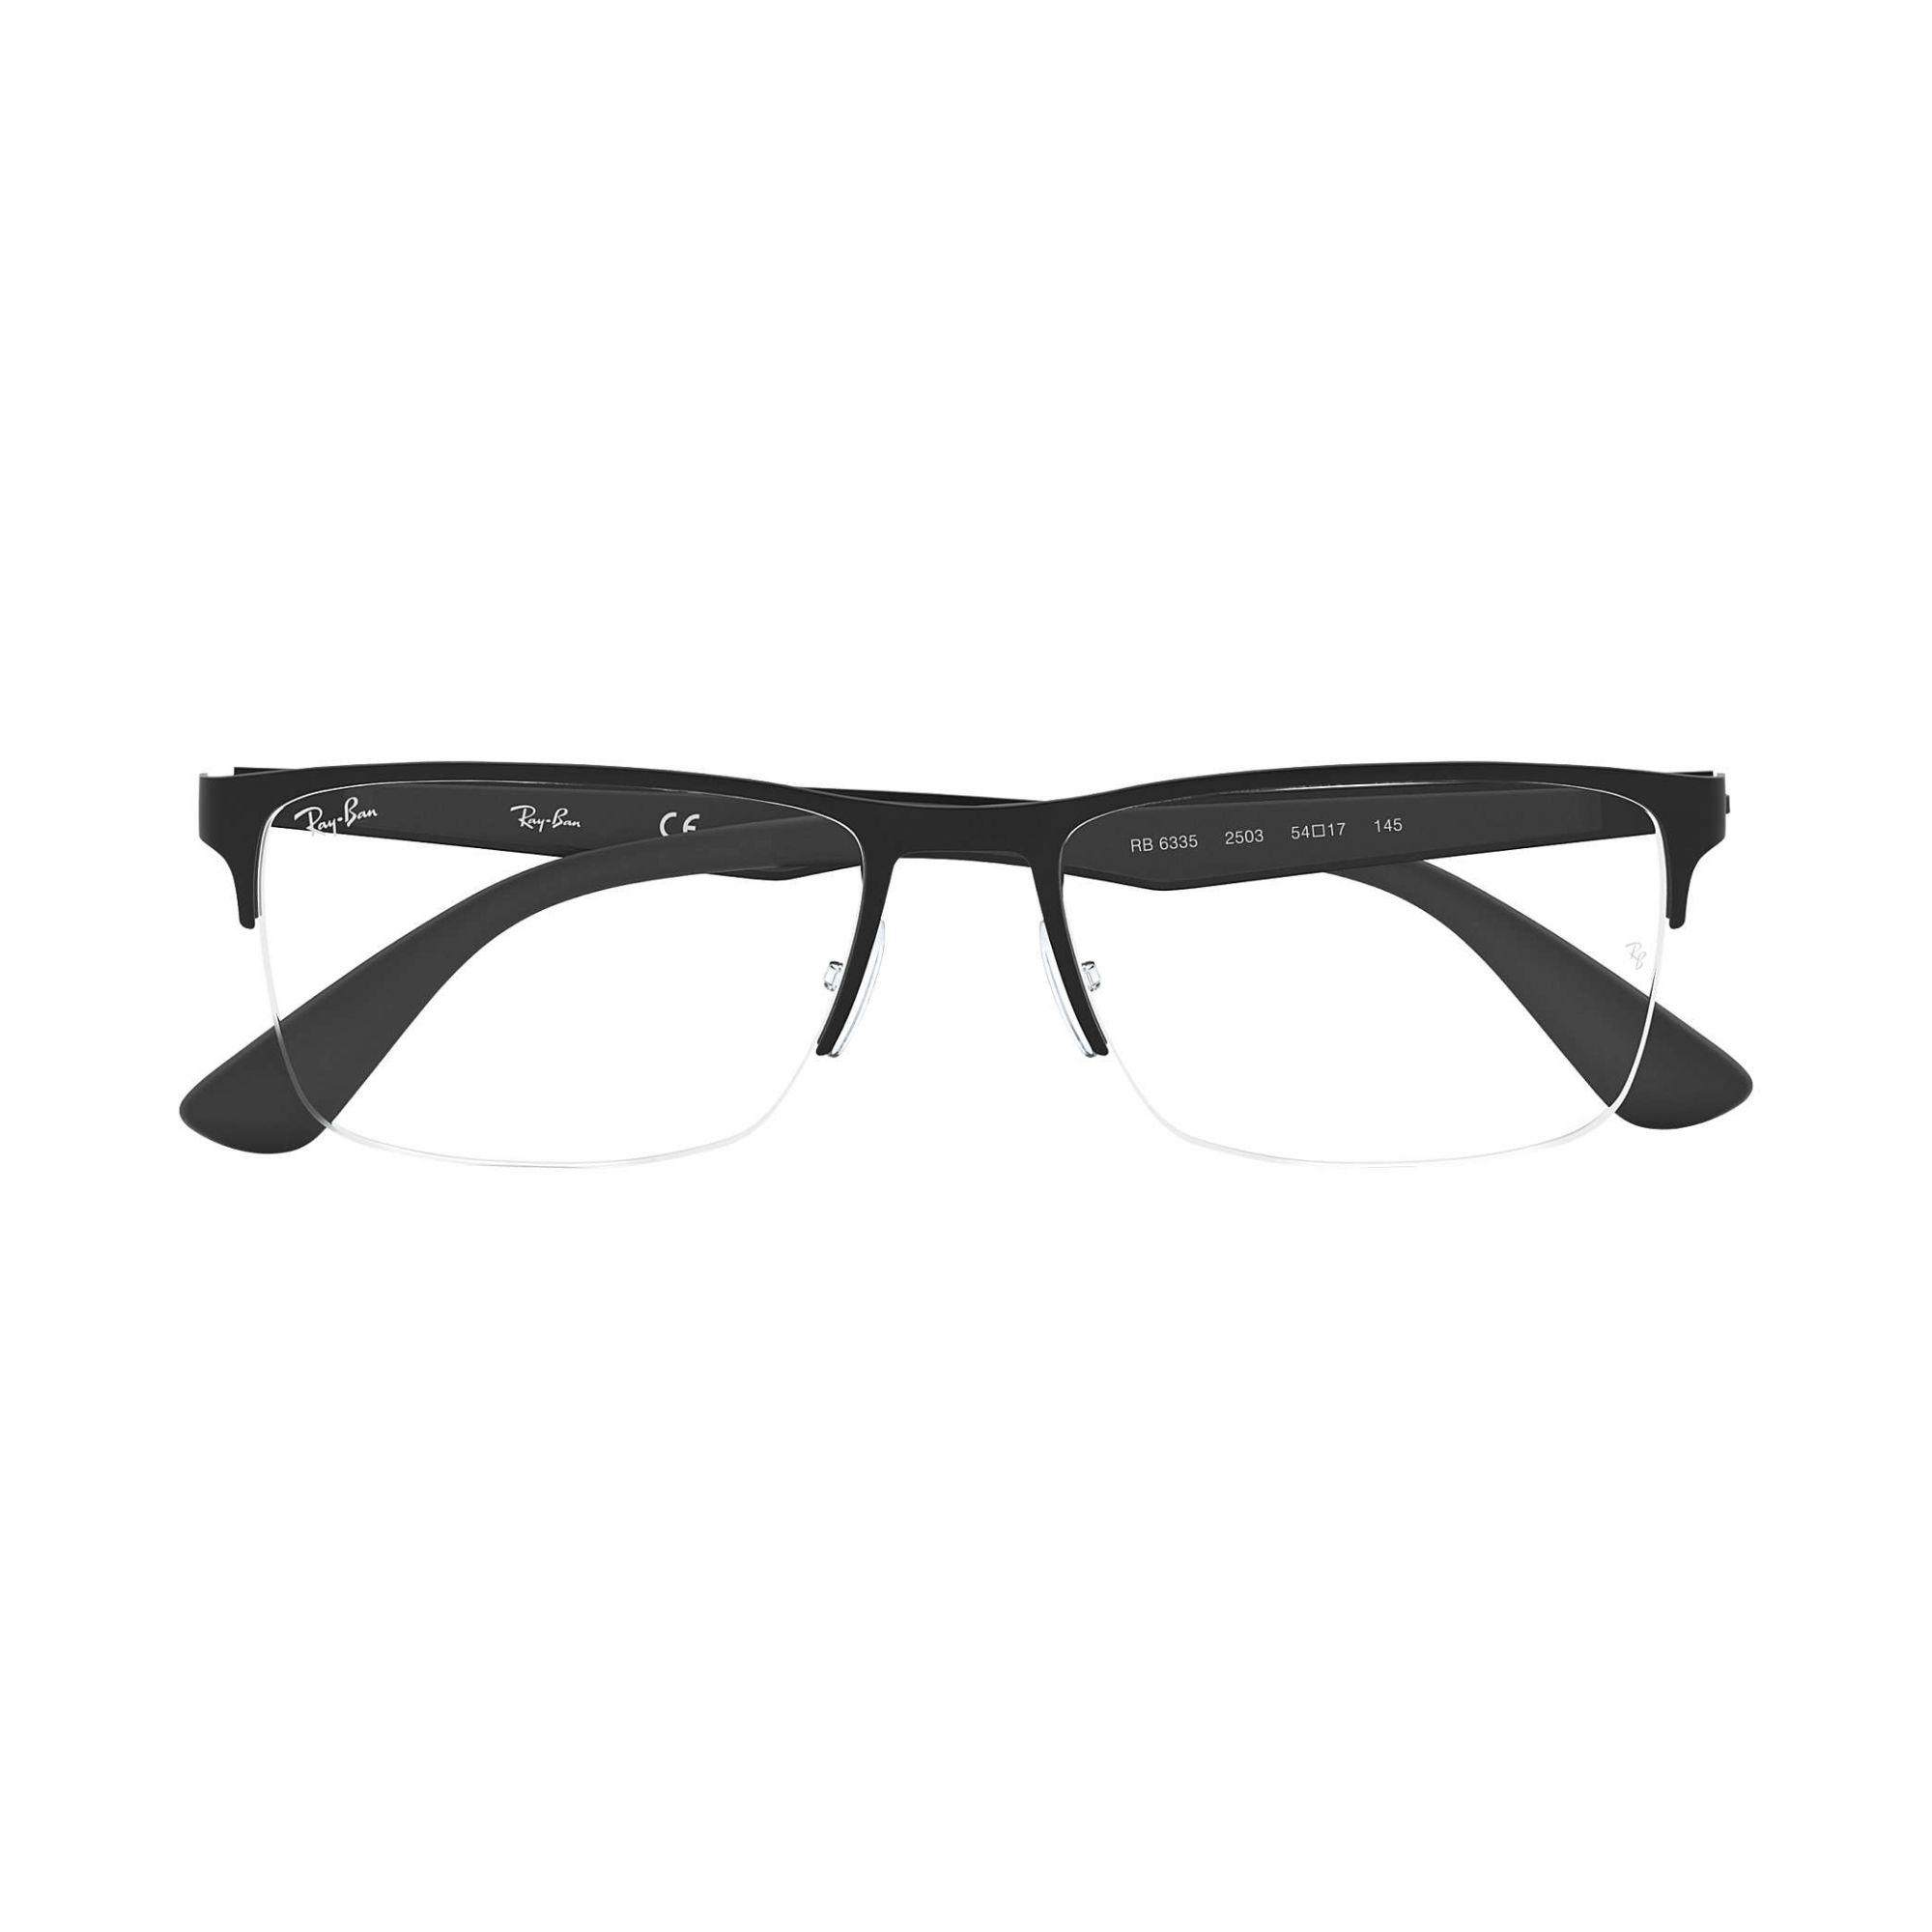 Ray Ban - RB6335 2503 - Óculos de grau